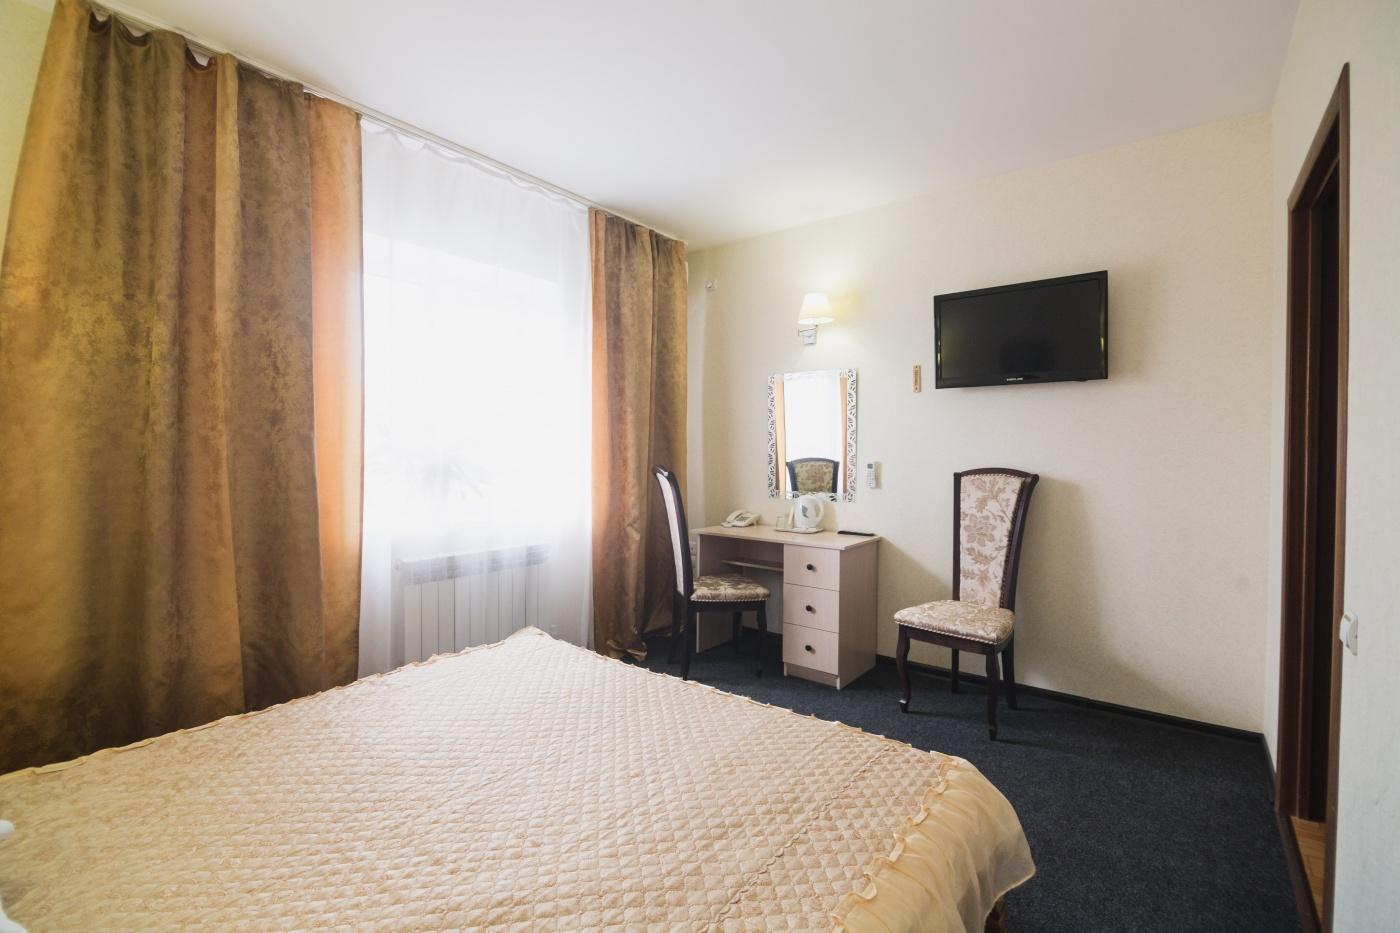 Гостиничный комплекс «Святогор» Владимирская область Двухместный «Стандарт» с 1 или 2 кроватями, фото 8